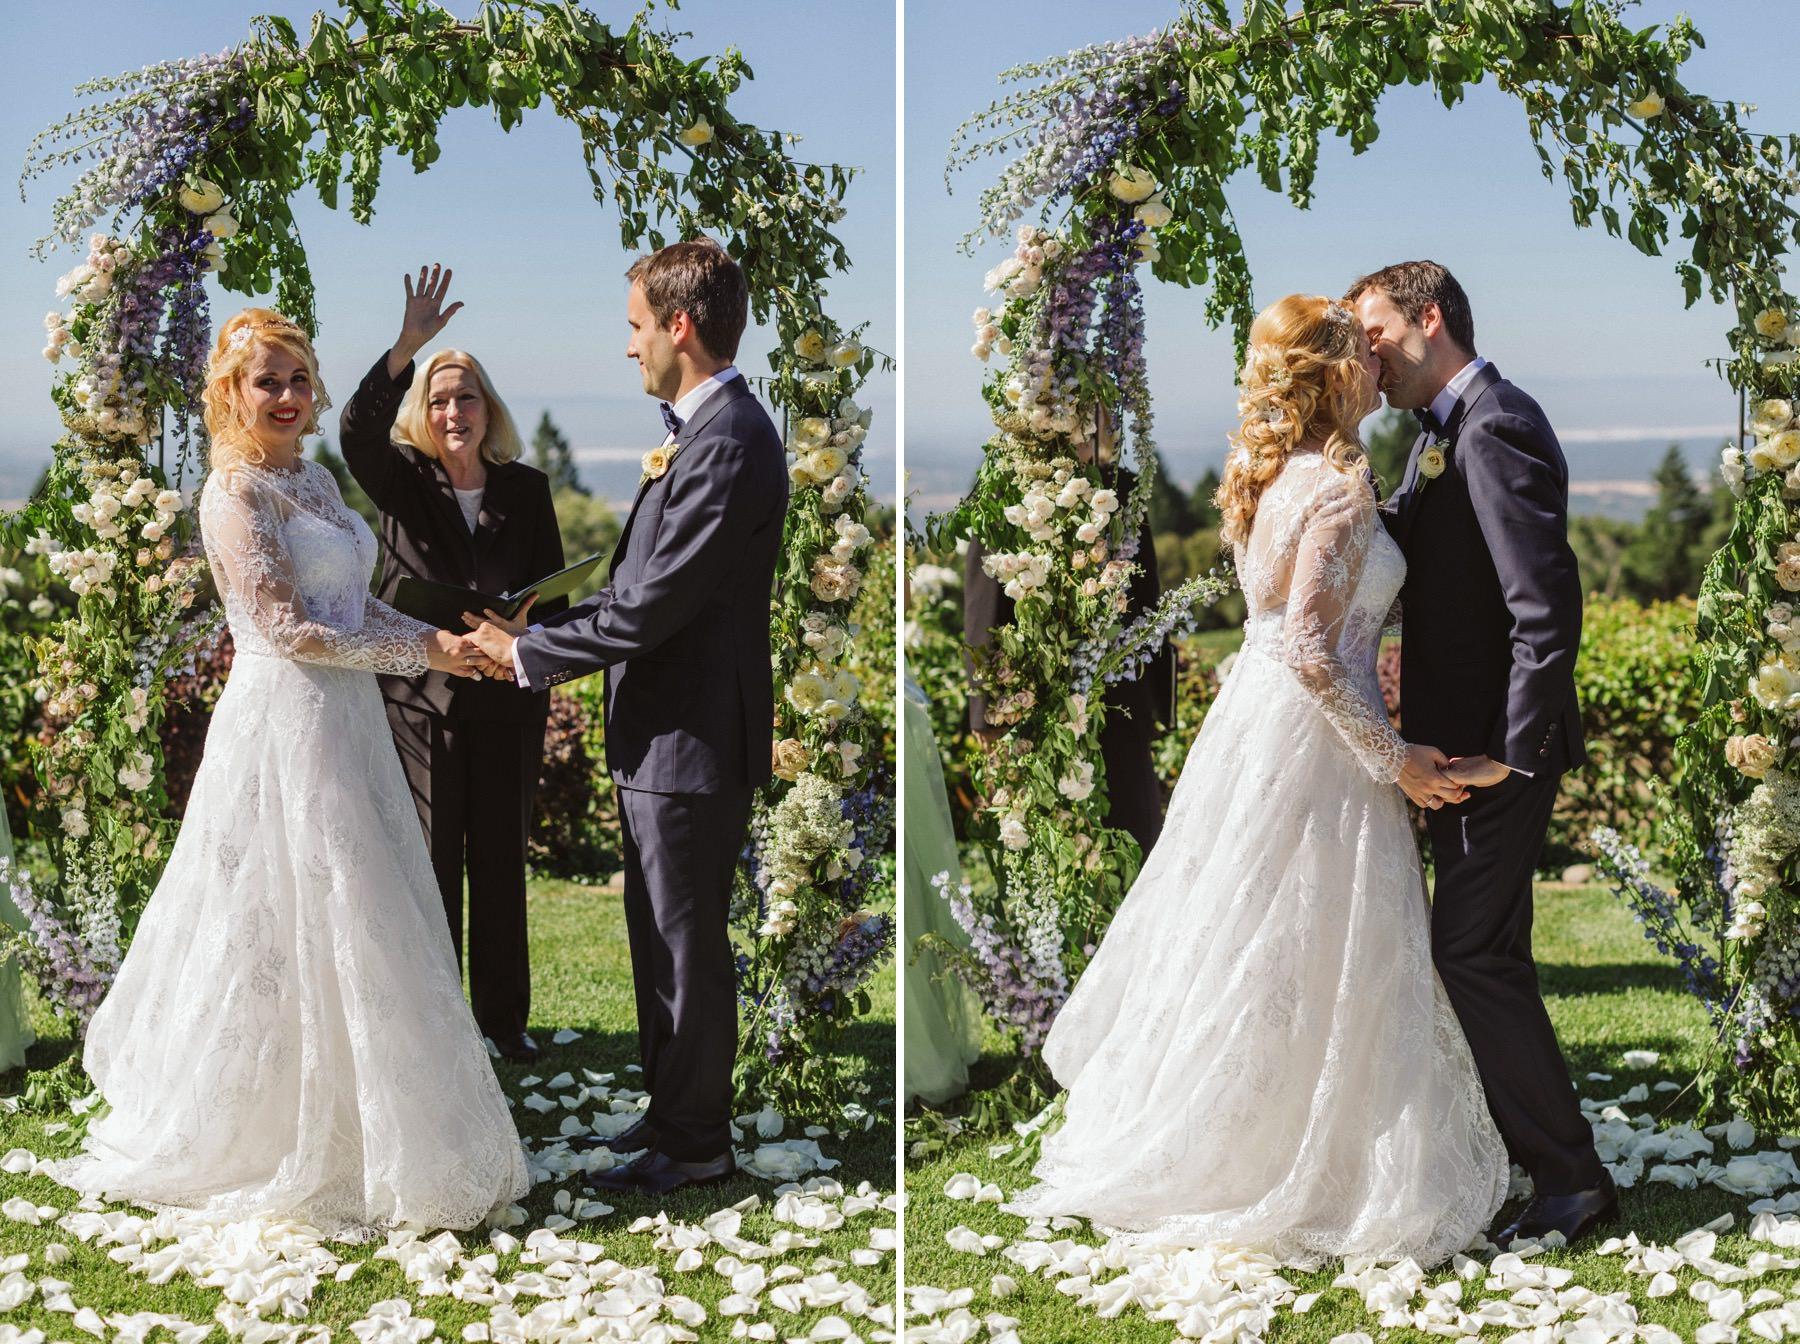 Thomas Fogarty wedding ceremony